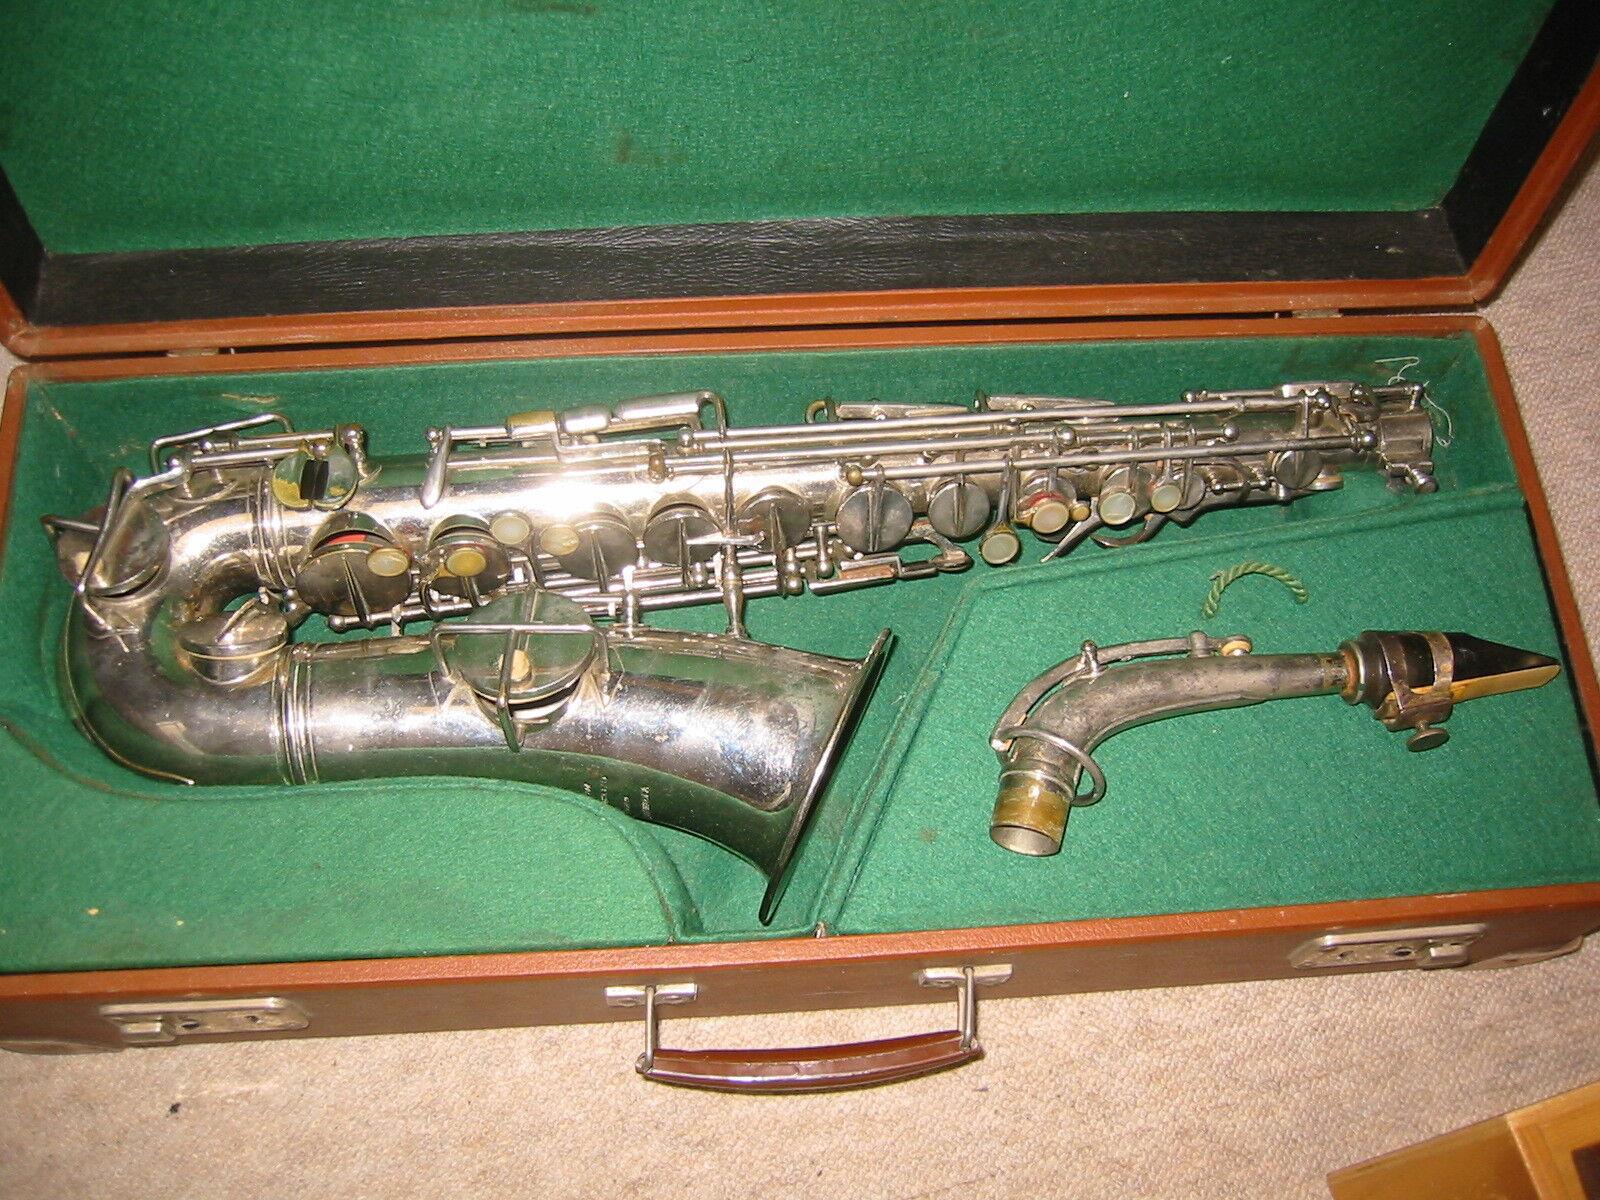 Altes Altsaxophon alt Saxofon